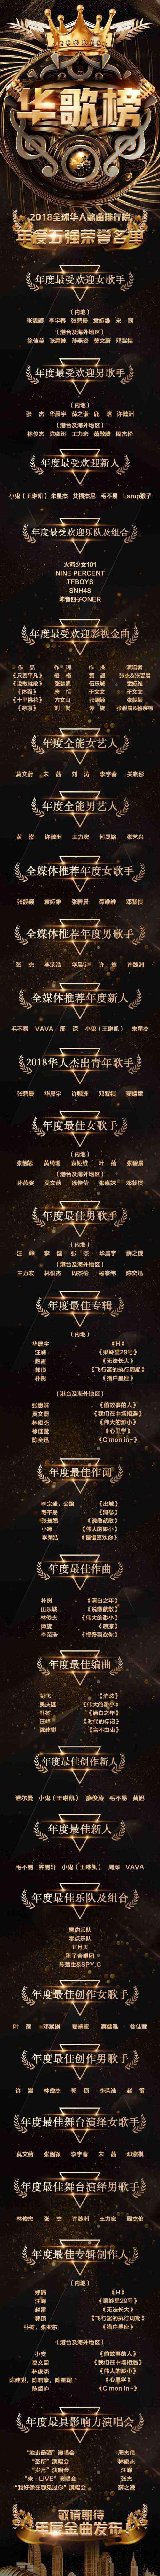 华语流行歌曲排行榜 2018全球华人歌曲排行榜 年度最受欢迎男女歌手名单公布